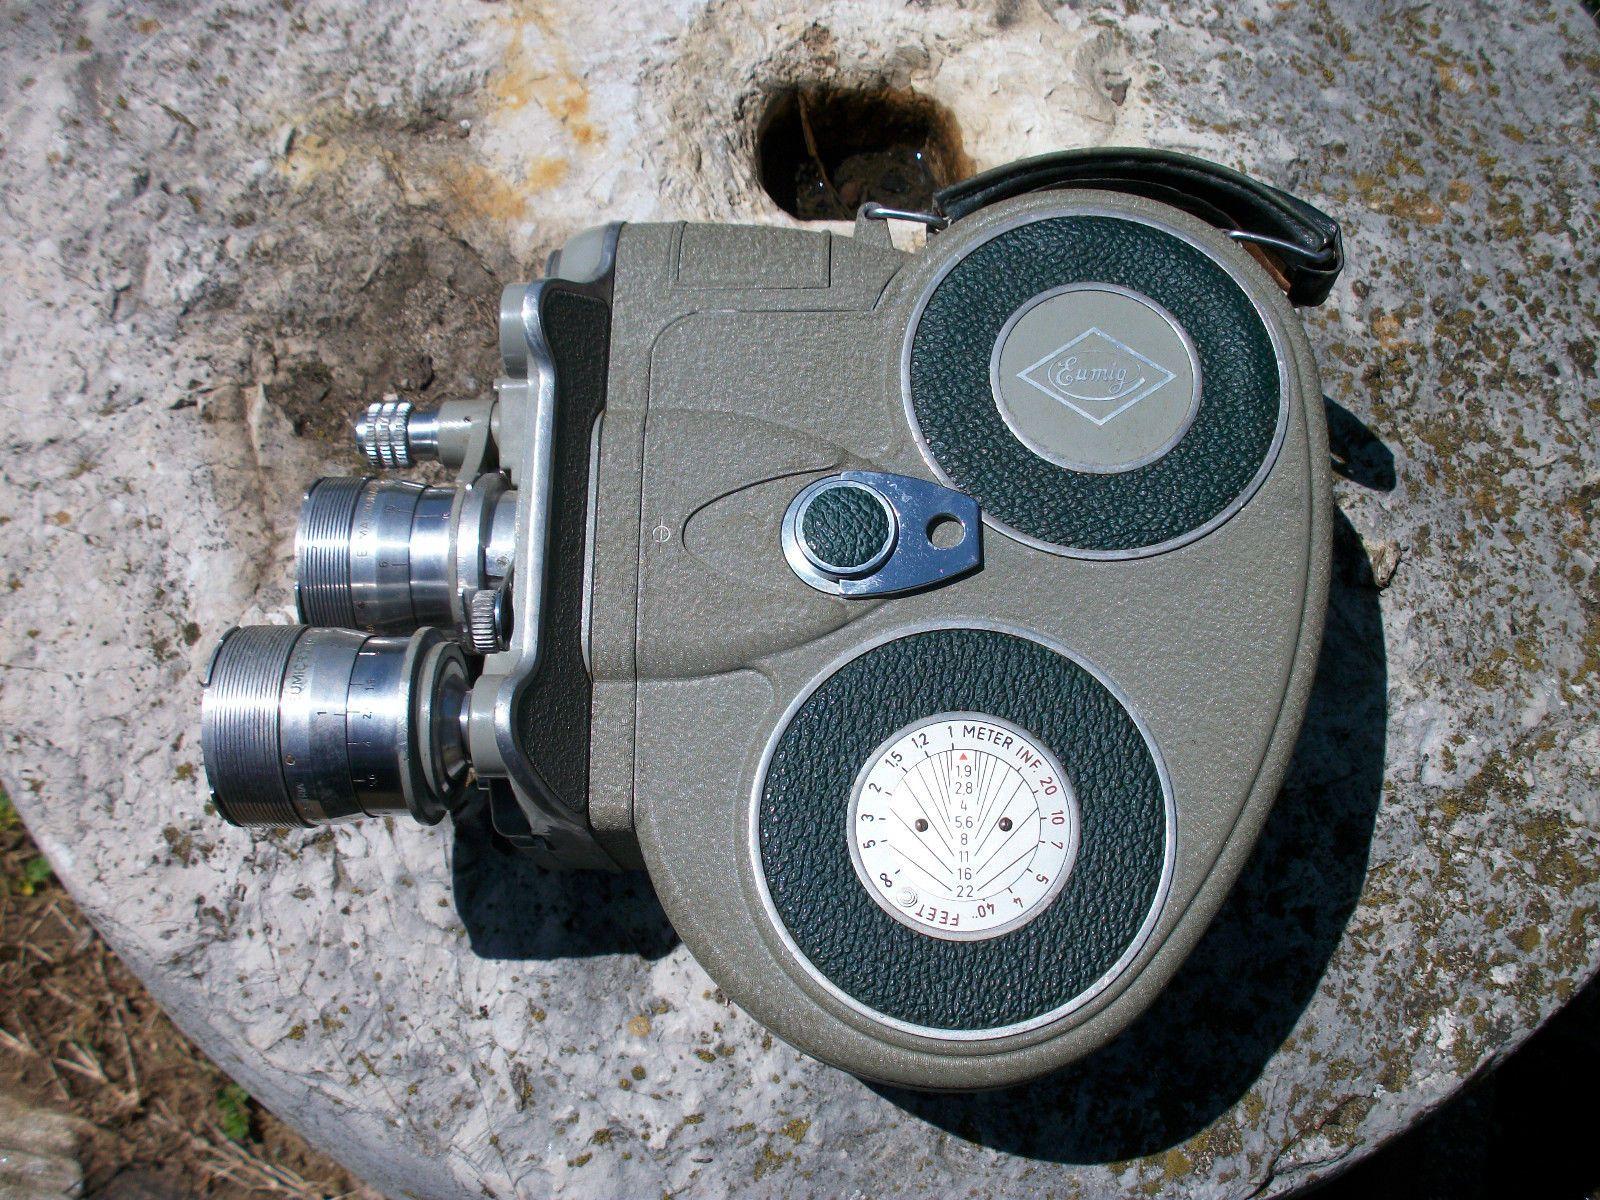 Ancienne Camera Eumig C 16 R 16 MM | eBay